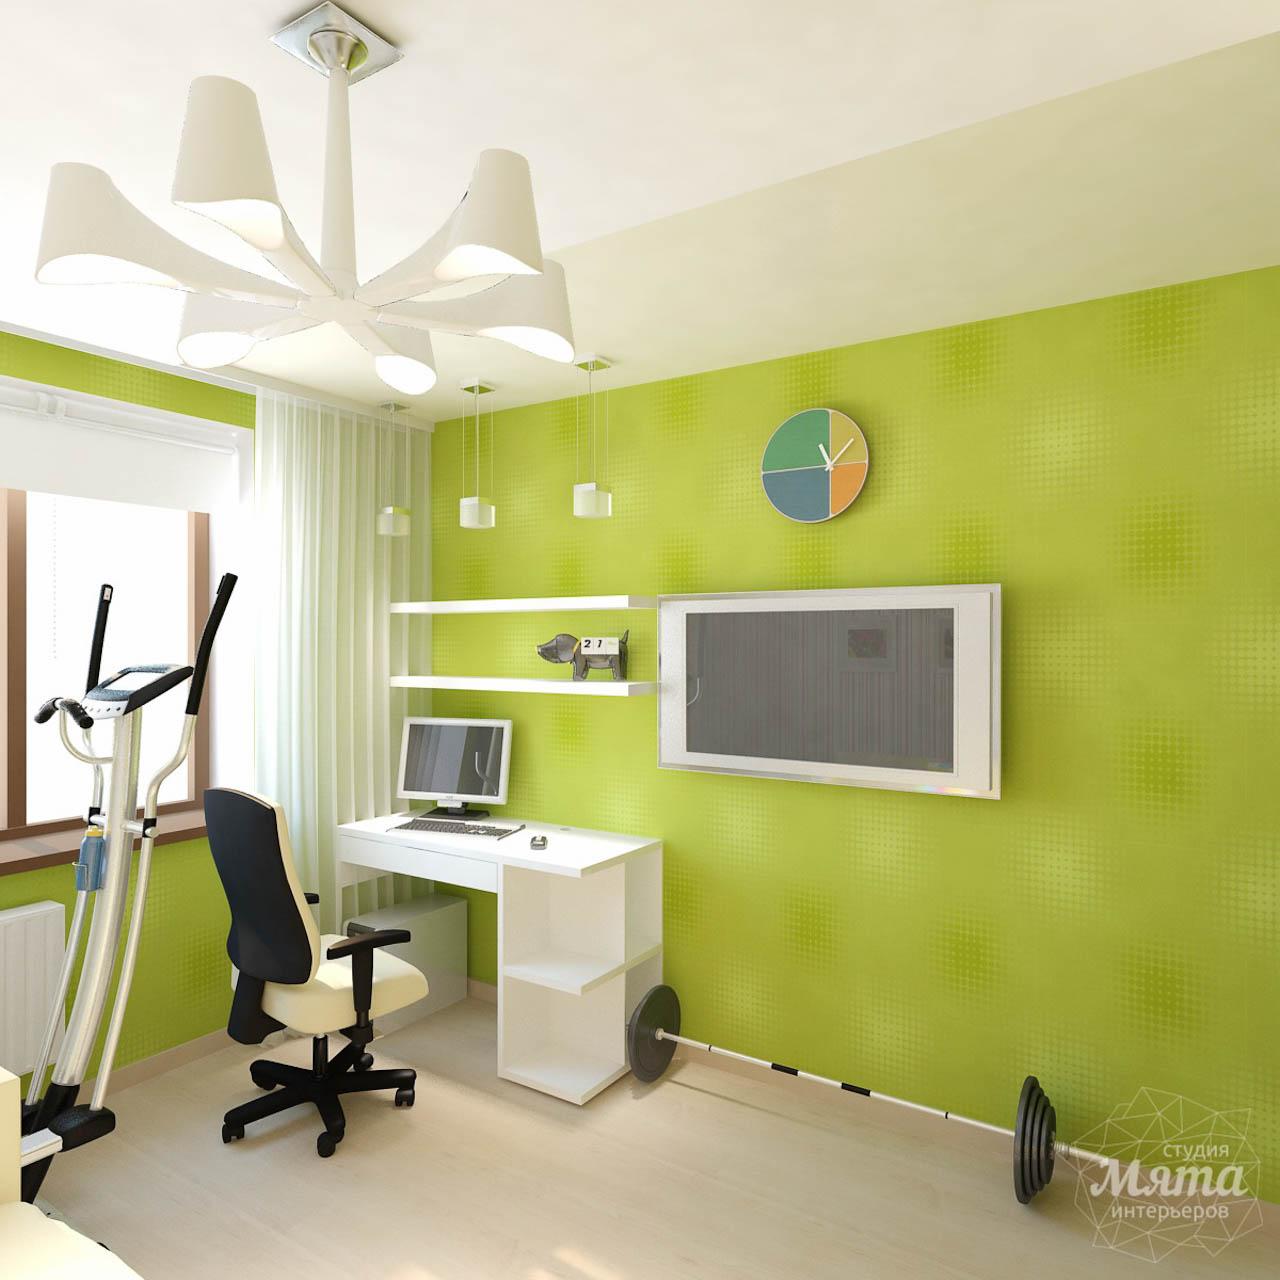 Дизайн интерьера двухкомнатной квартиры по ул. Бебеля 156 img748062285